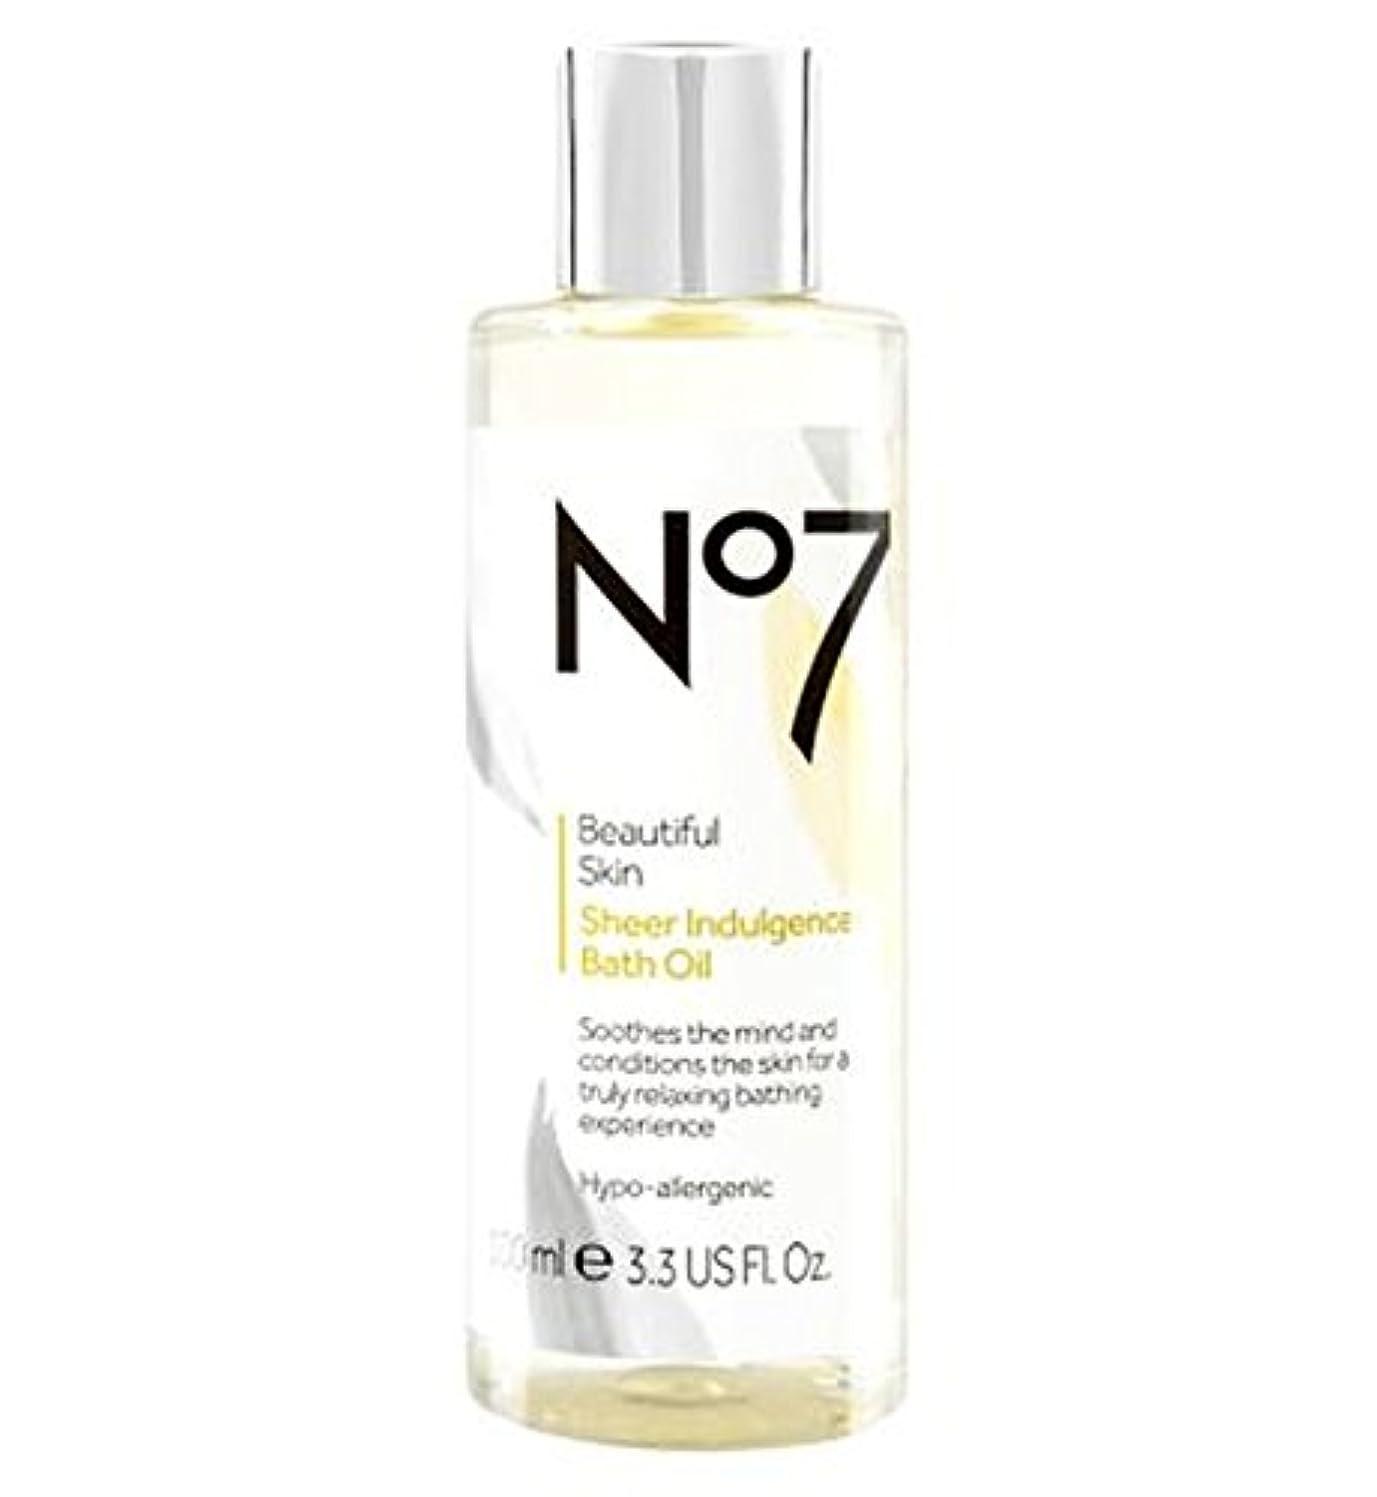 間つば思想No7 Beautiful Skin Sheer Indulgence Bath Oil - No7美しい肌透け耽溺のバスオイル (No7) [並行輸入品]